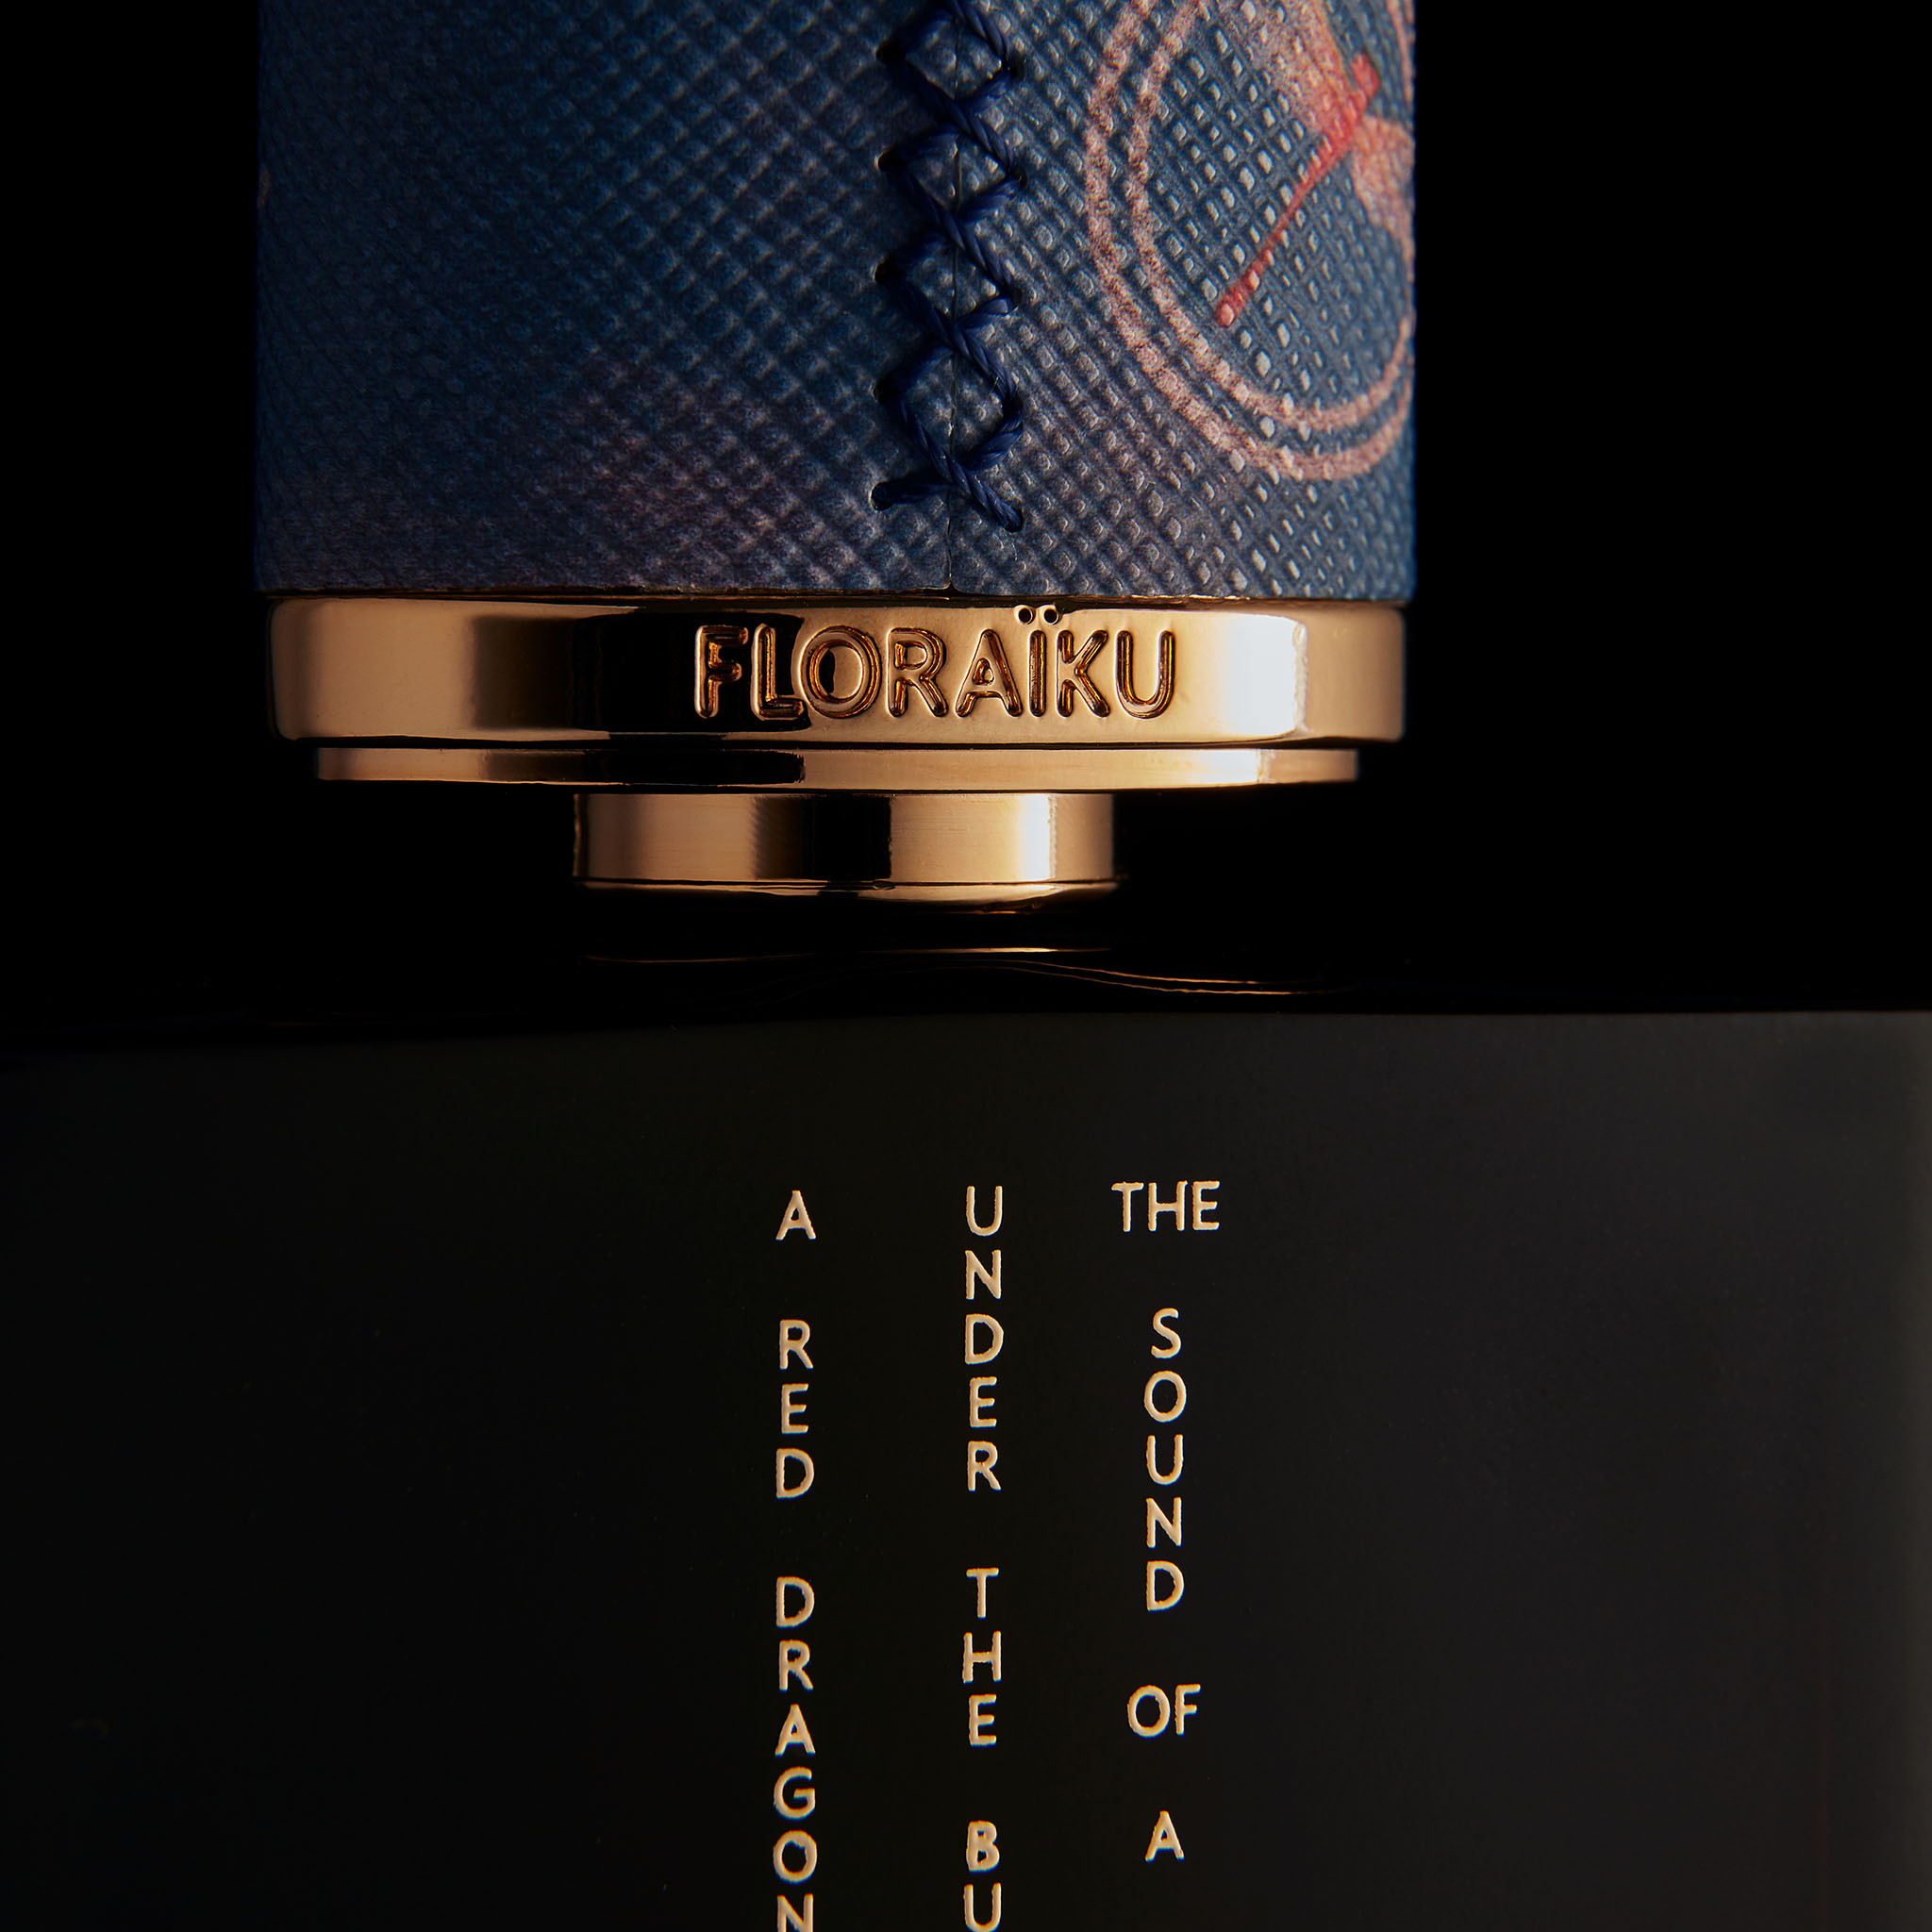 FLORAIKU Brand Content. Parfum Japon Instagram Photos